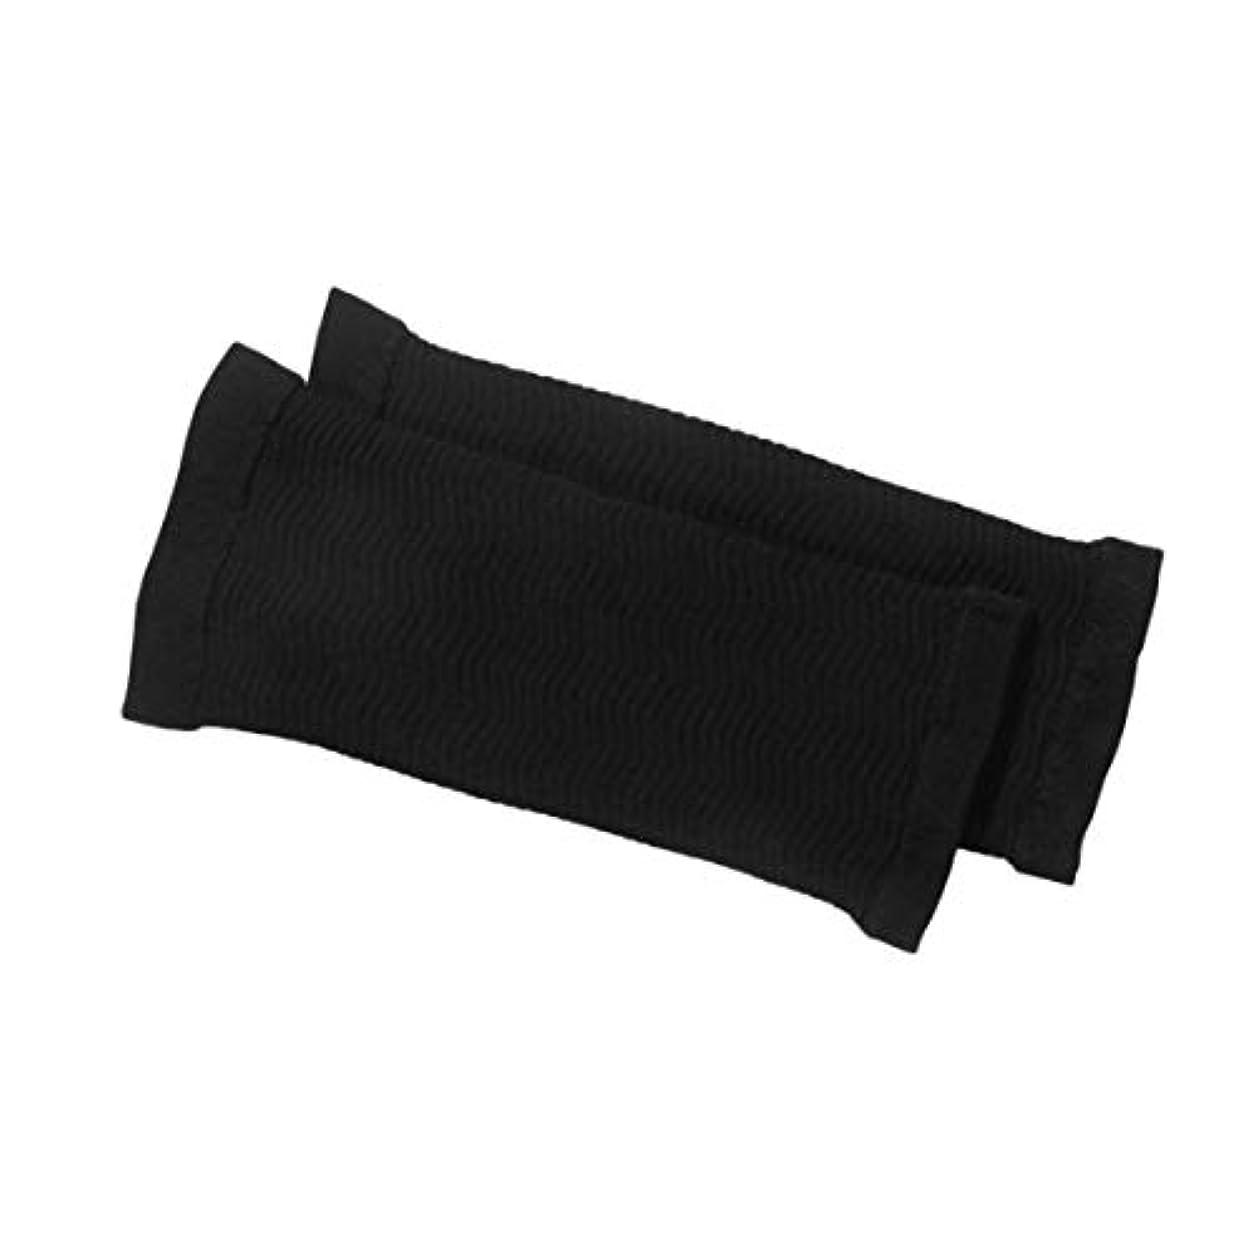 以上自殺私たち1ペア420 D圧縮痩身アームスリーブワークアウトトーニングバーンセルライトシェイパー脂肪燃焼袖用女性 - 黒